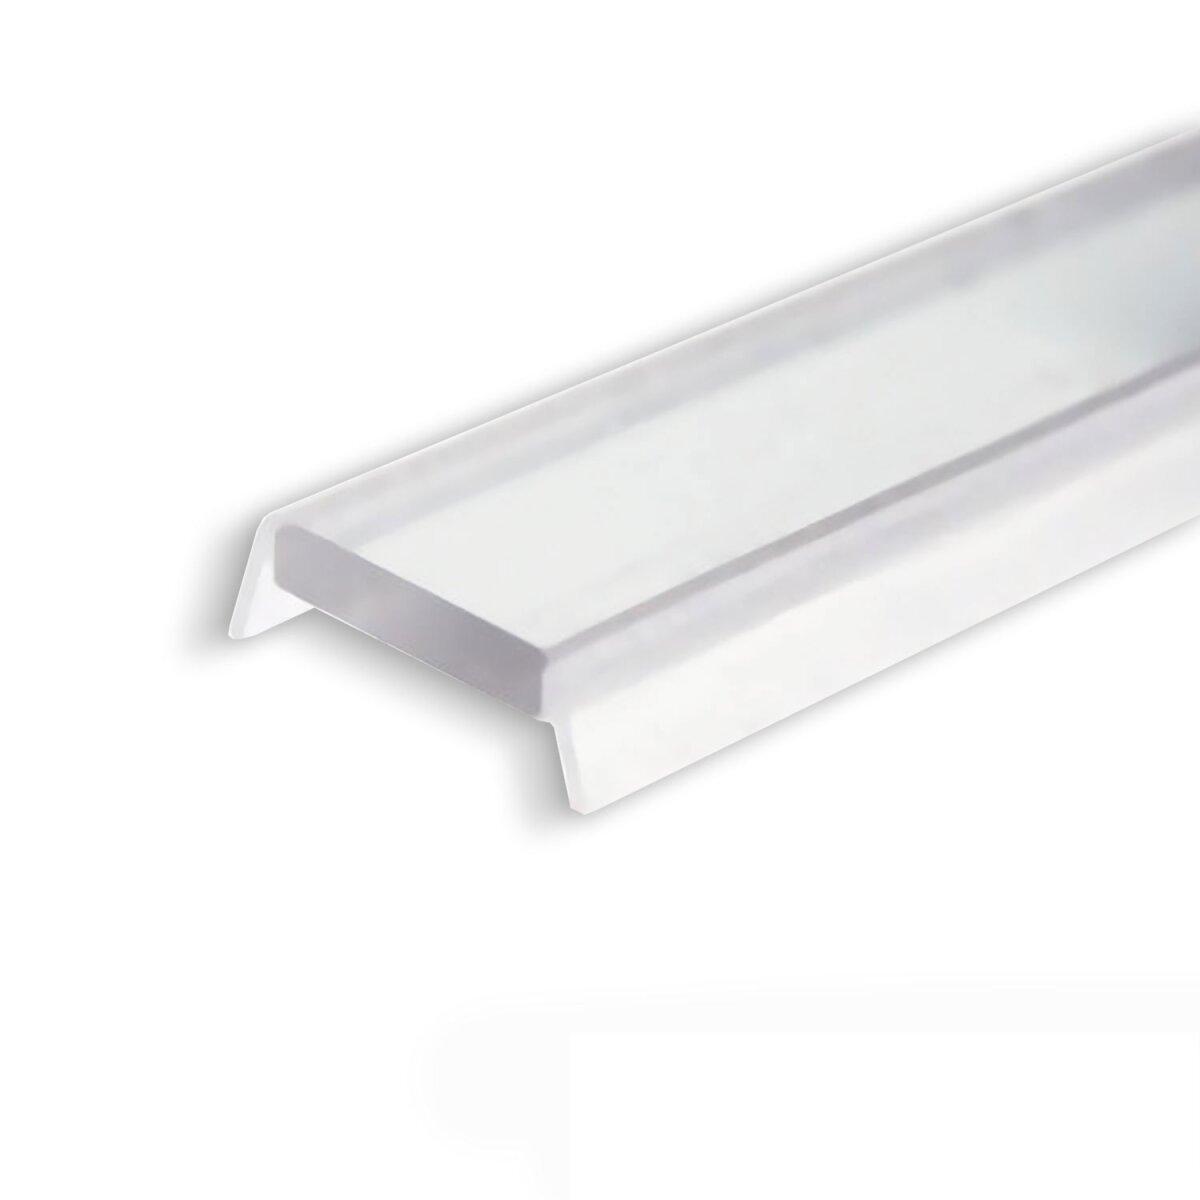 10er Packung Klar Befestigungsklemmen für 12mm Max Ip68 LED Streifen 5050 Größe